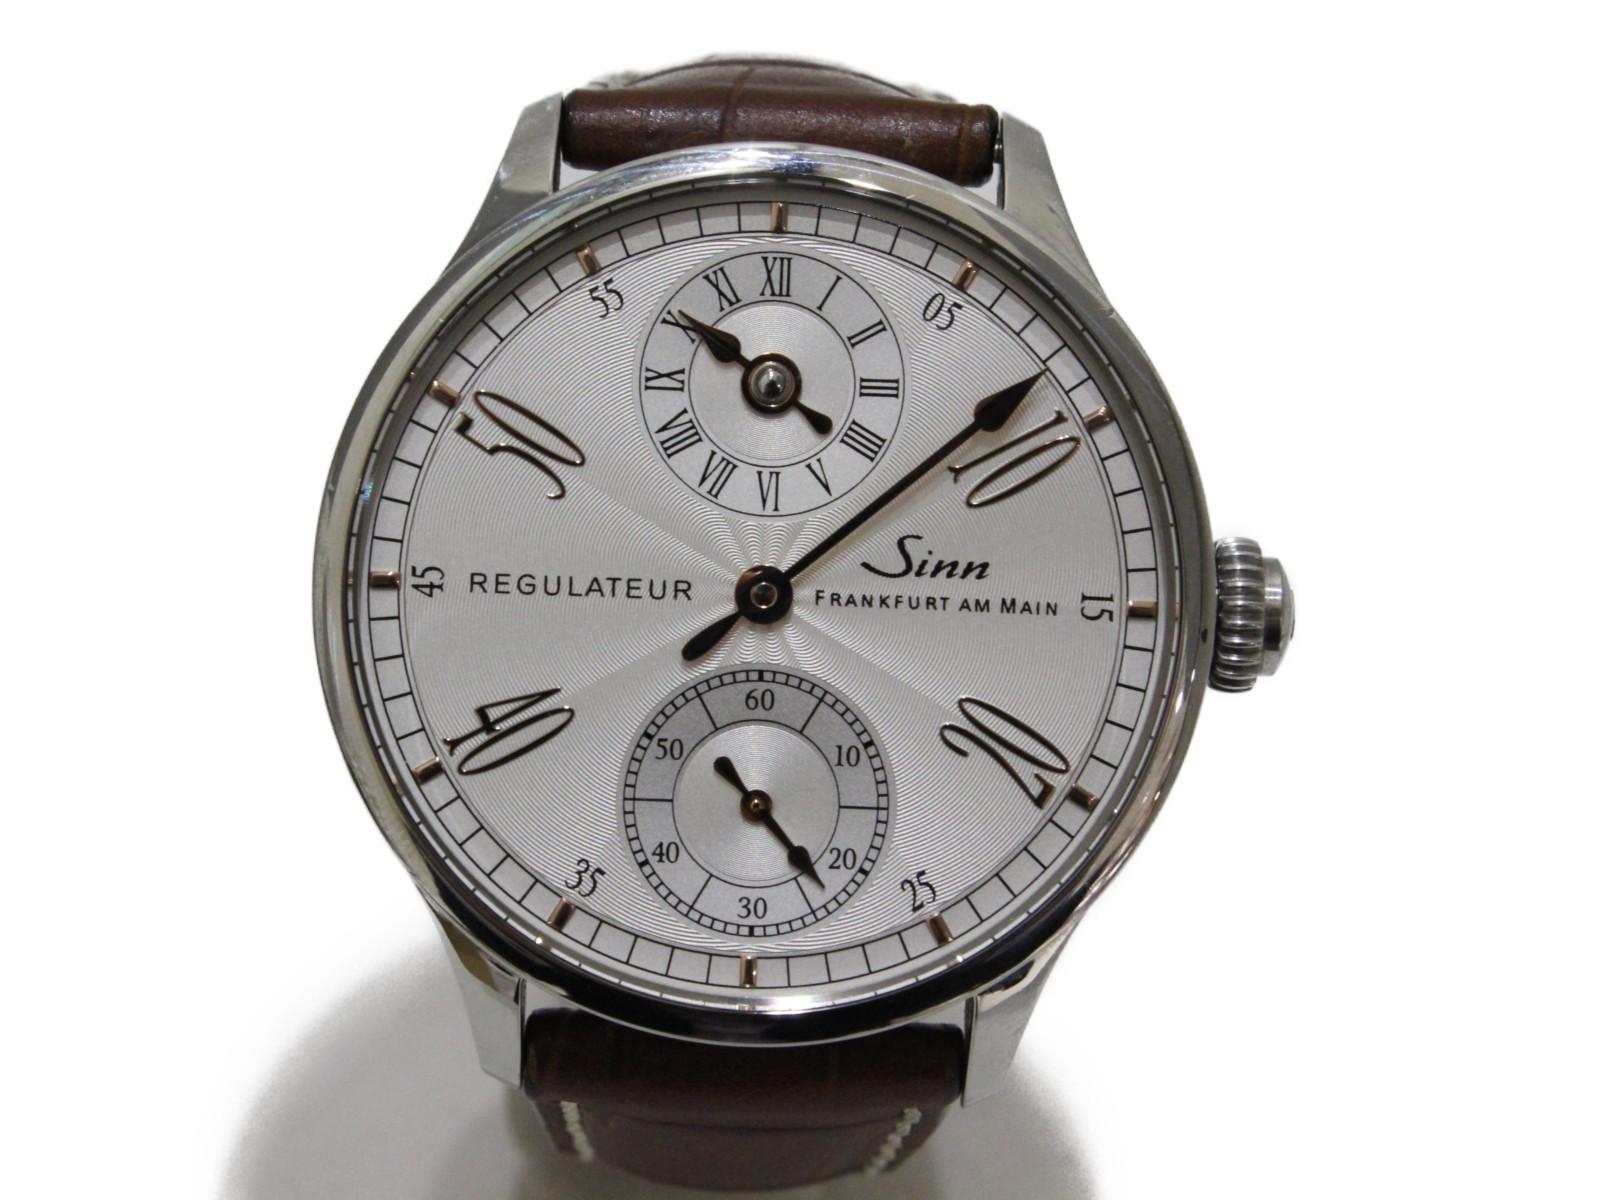 SINN ジン  レギュレーター 6100.Classic.4N 手巻き スモールセコンド SS ステンレススチール 型押しカウレザーストラップ ホワイト ブラウン  メンズ 腕時計【中古】